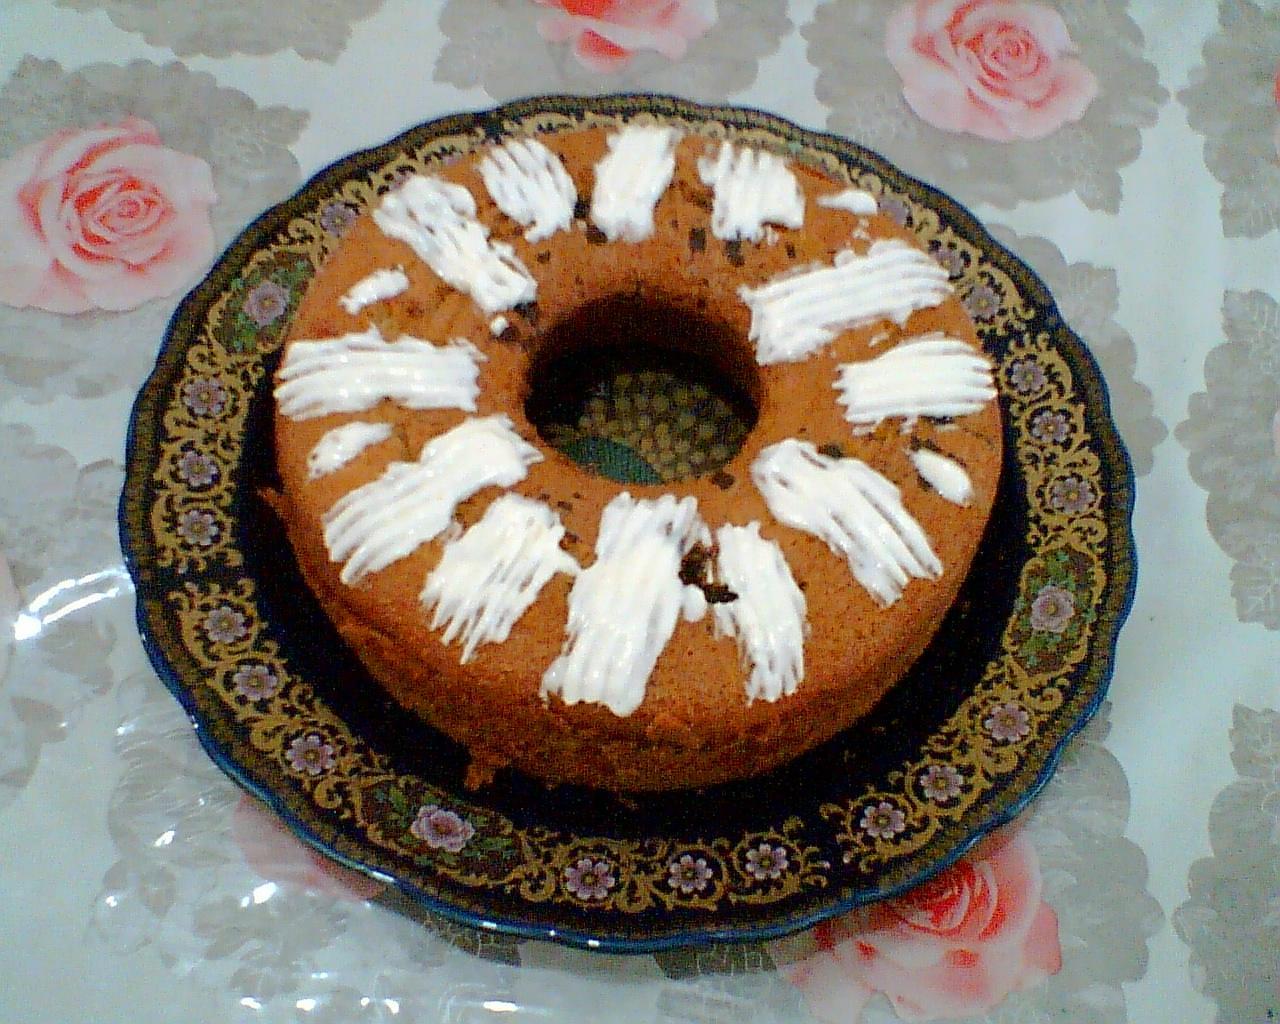 15626-moroccan-almscotth